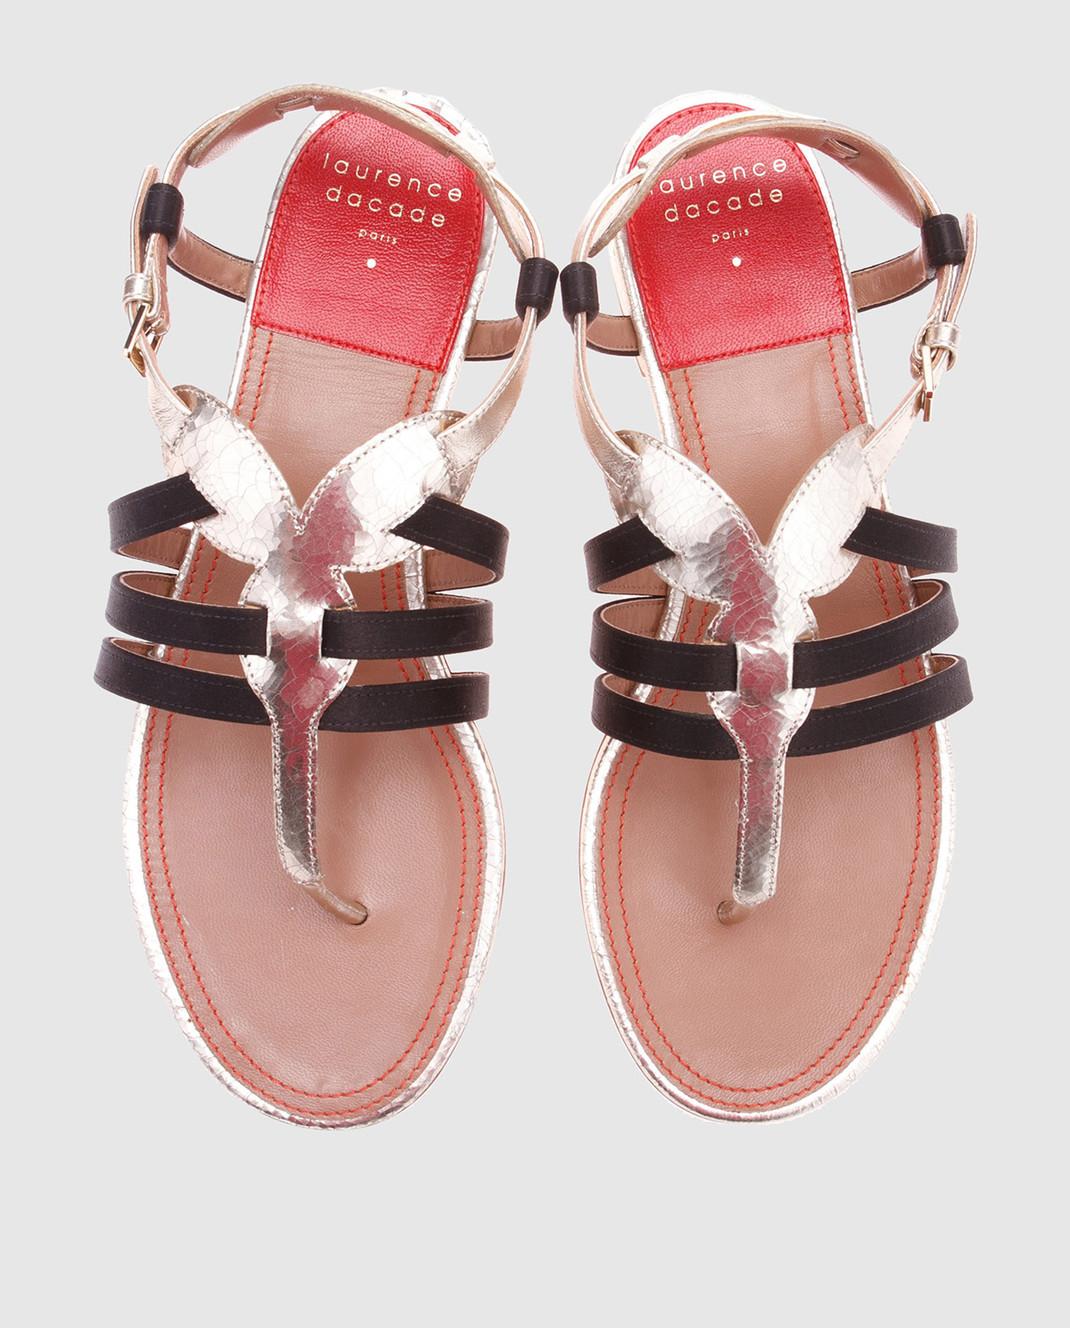 Laurence Dacade Золотистые кожаные сандалии Renin RENINCRACKED изображение 4